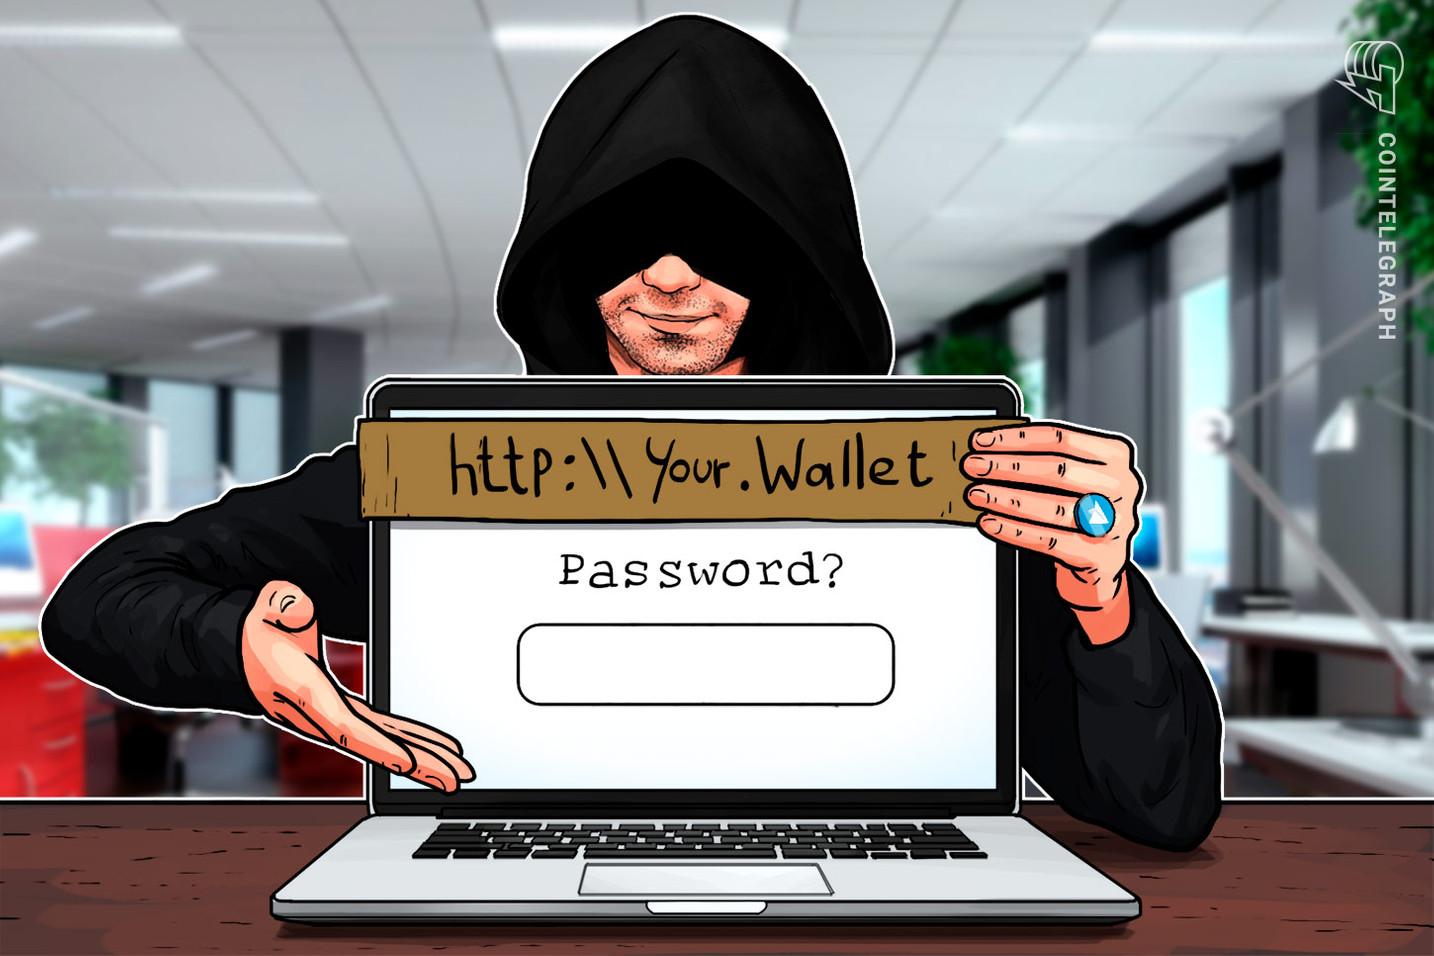 仮想通貨を盗み、ウォレットアドレスを書き換えるマルウェアが発見される テレグラムを利用して匿名性確保